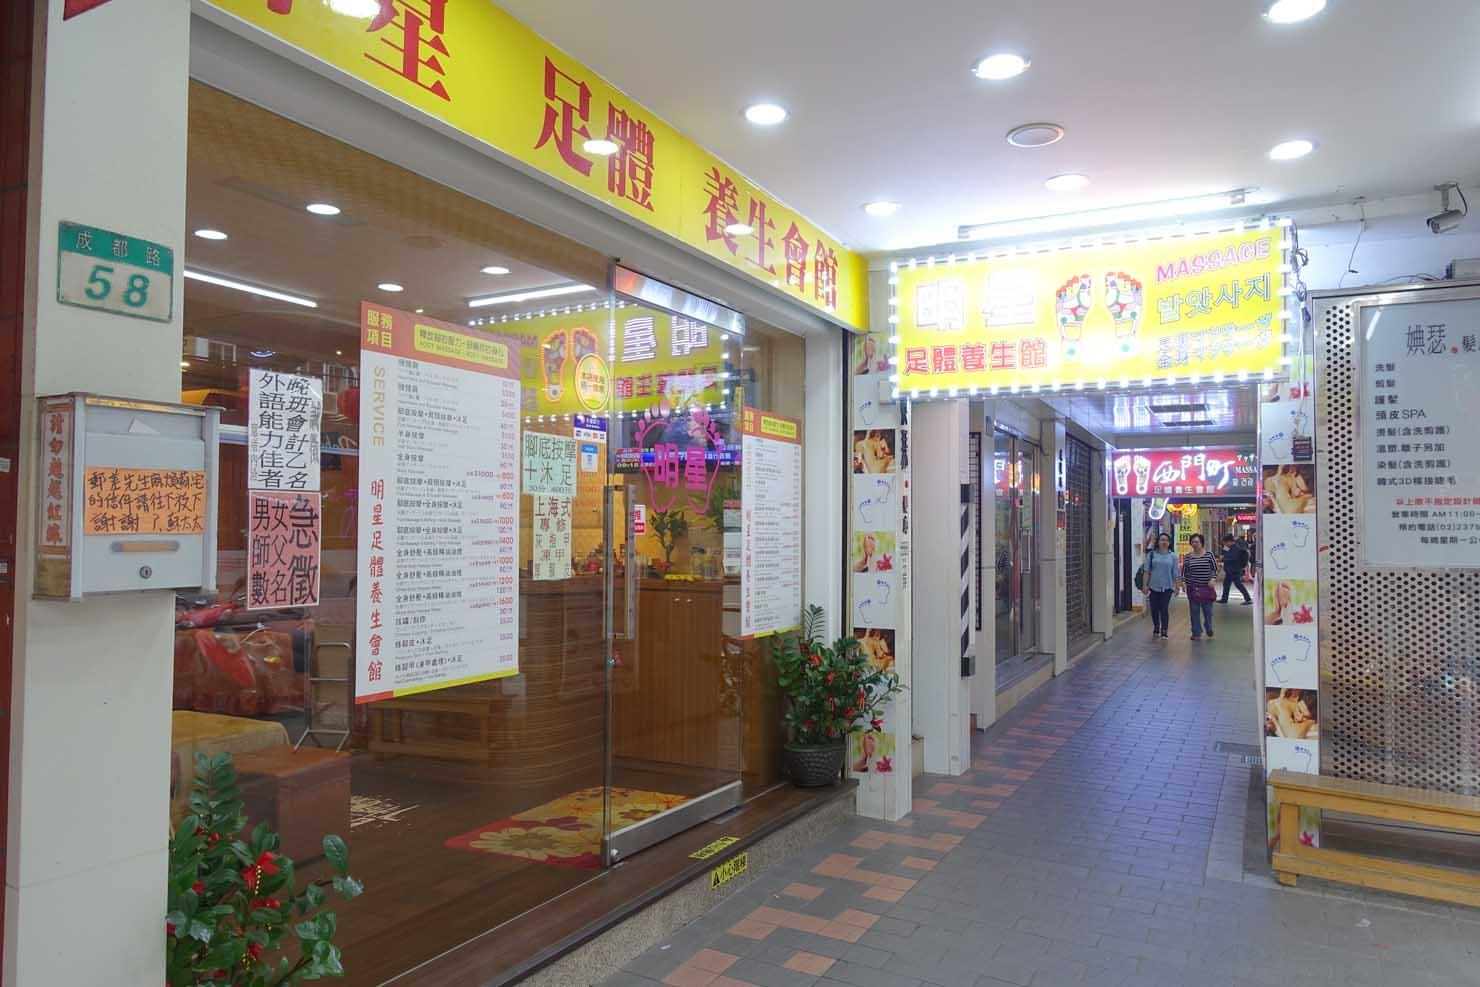 台北・西門町「成都路」沿いのマッサージ街